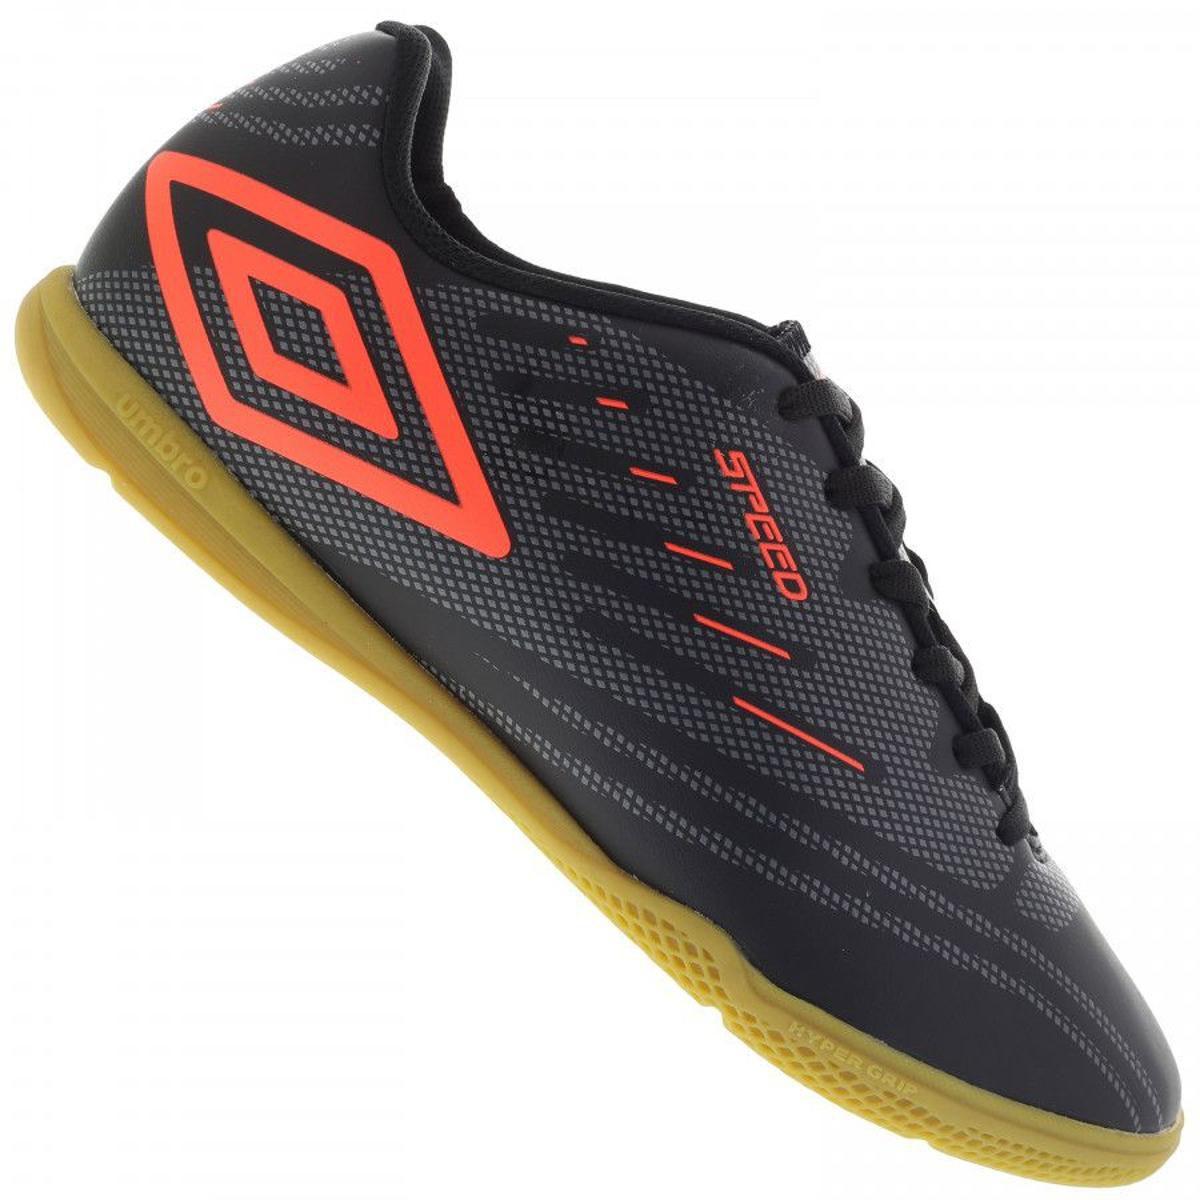 06d63ff6e7a38 Chuteira Futsal Umbro Speed IV Adulto - Preto Laranja